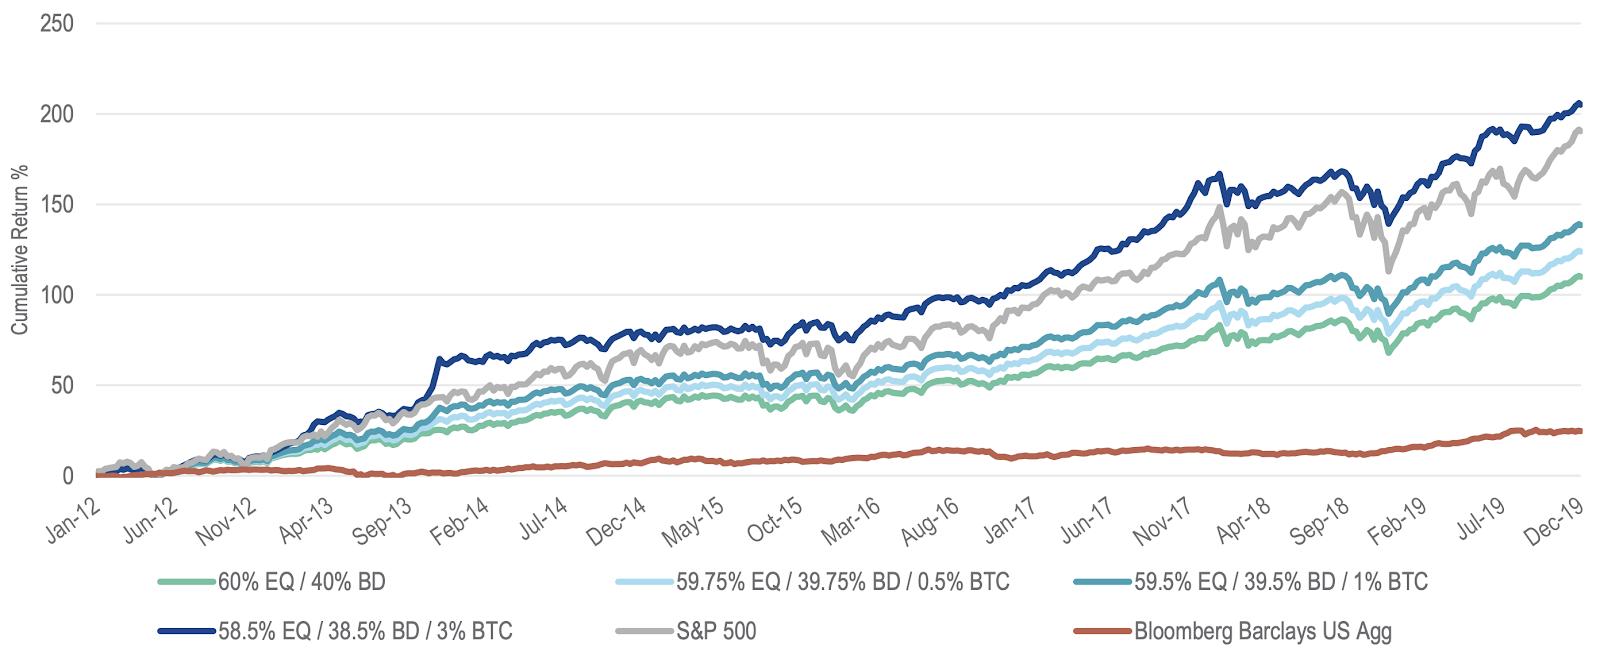 有和没有比特币的投资组合的收益比较